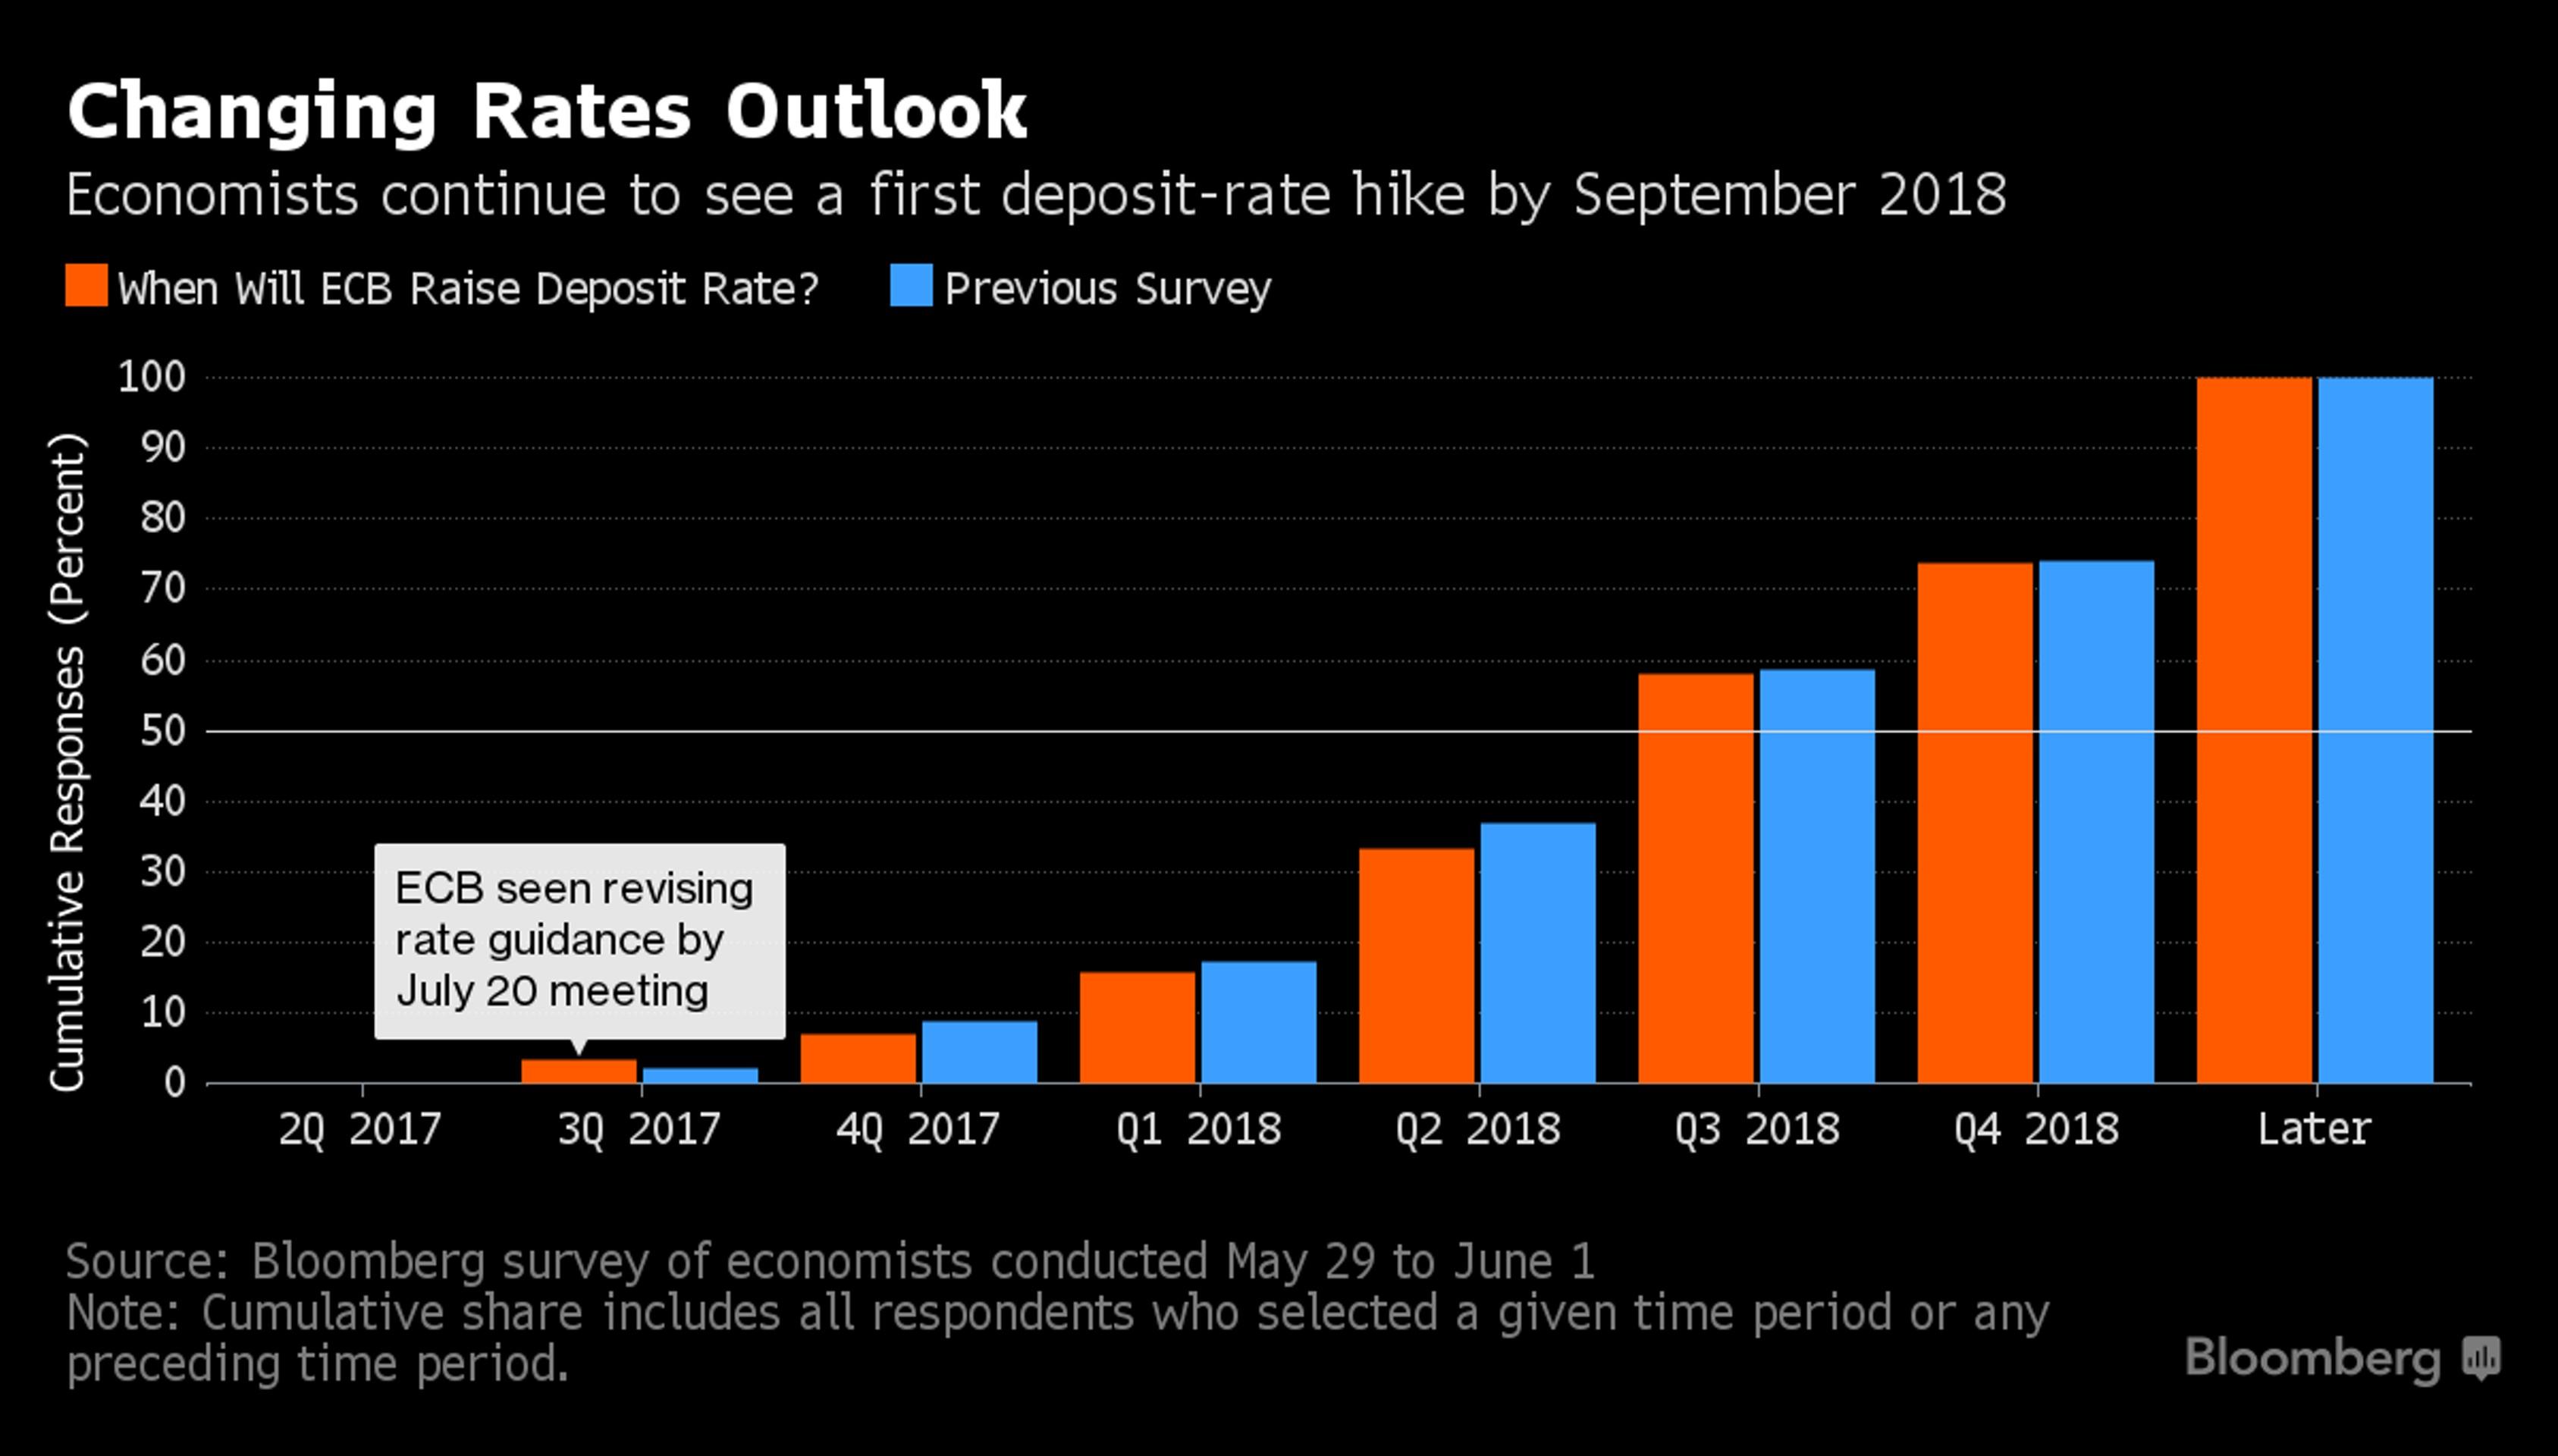 От ЕЦБ ждут очень медленного отказа от стимулов